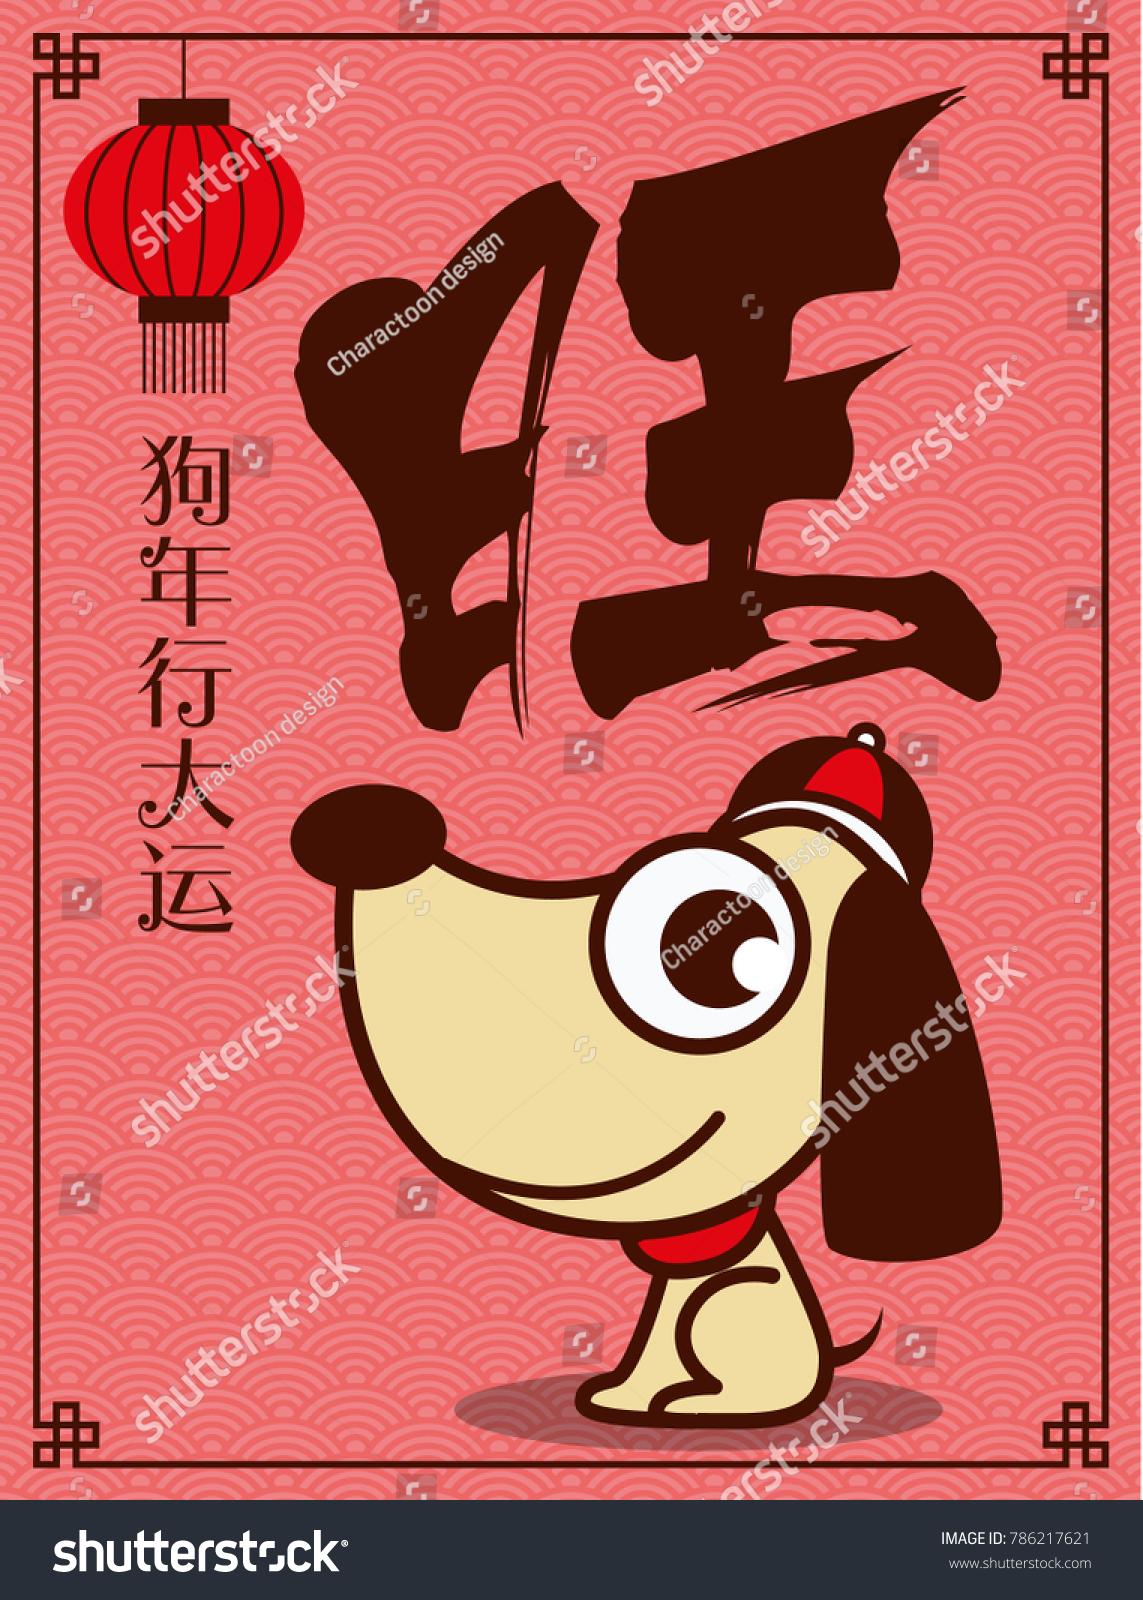 Chinese new year 2018 cute dog stock vector 786217621 shutterstock chinese new year 2018 cute dog greeting card zodiac symbol of 2018 translation buycottarizona Images